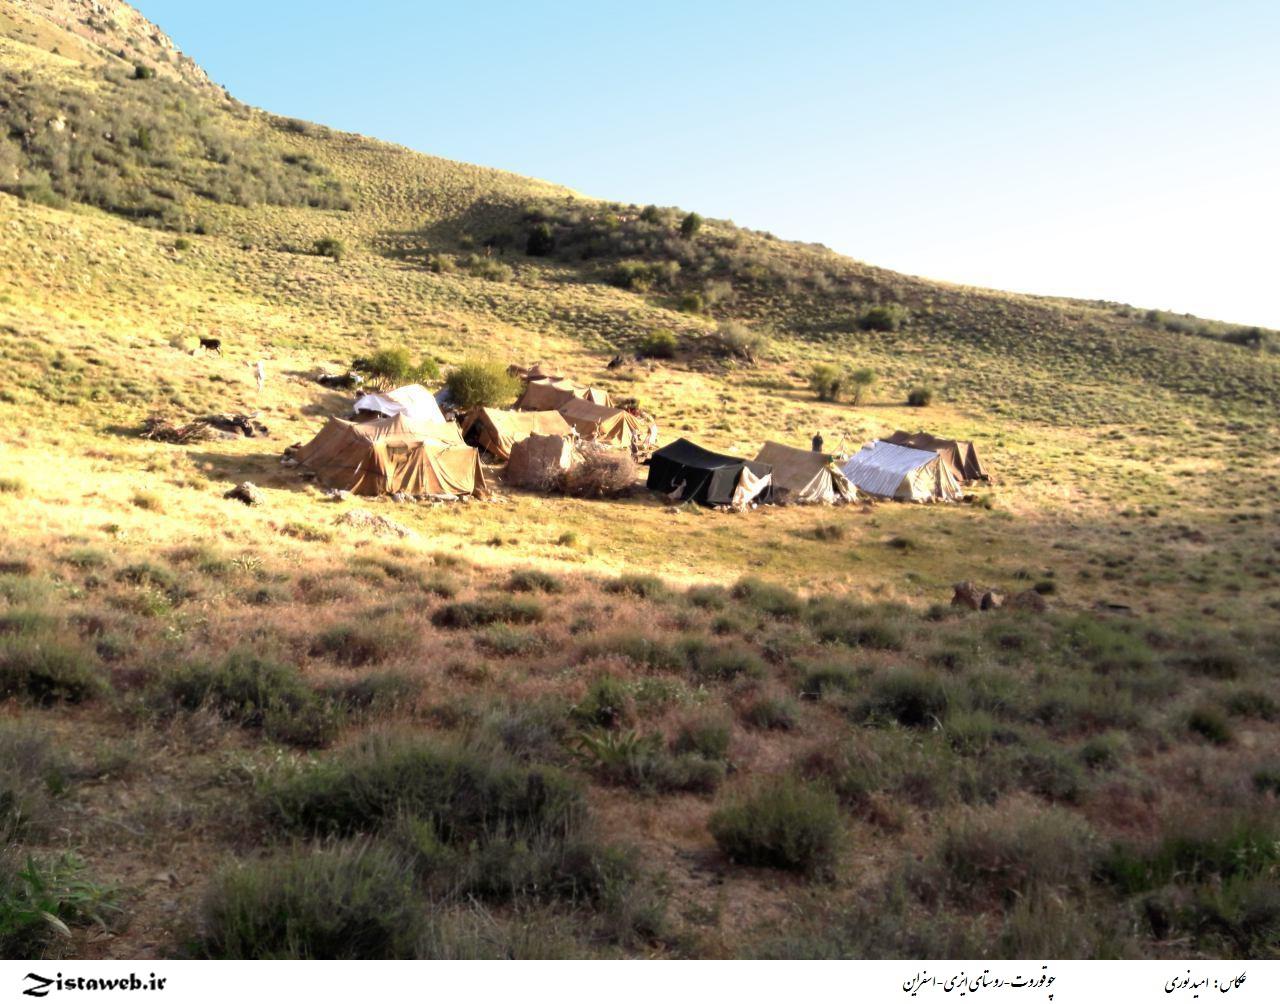 عکس چادر عشایر در دامنه کوه روستای ایزی اسفراین/ عکاس امید نوری